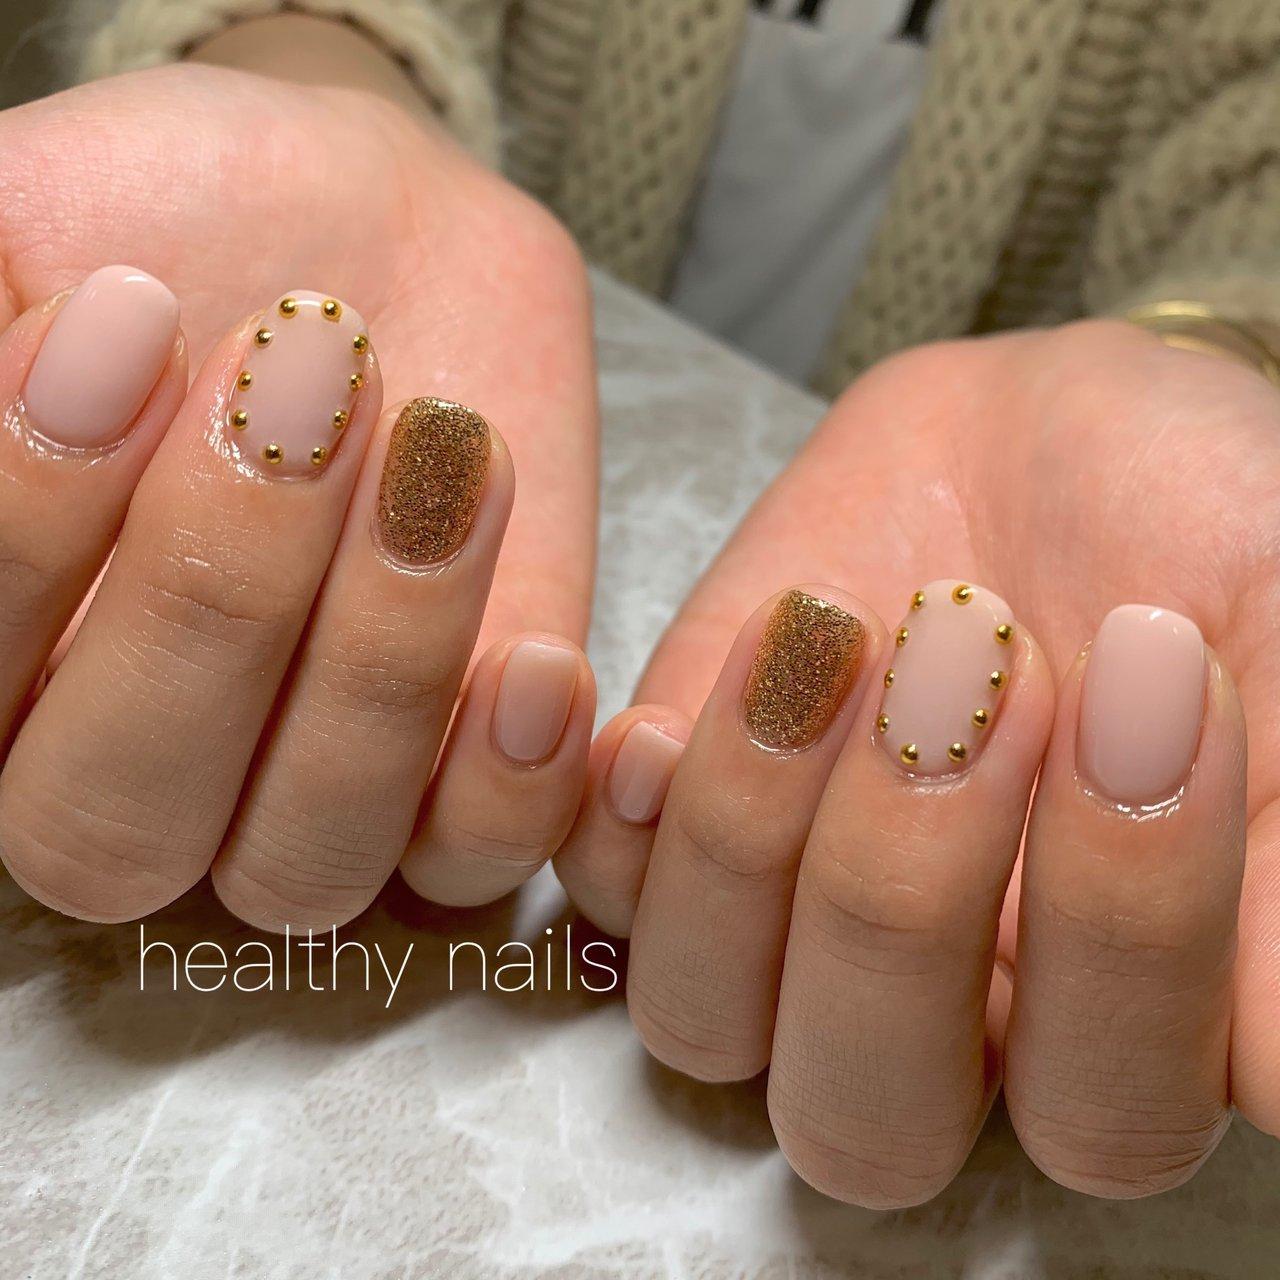 #オールシーズン #ハンド #healthy nails #ネイルブック